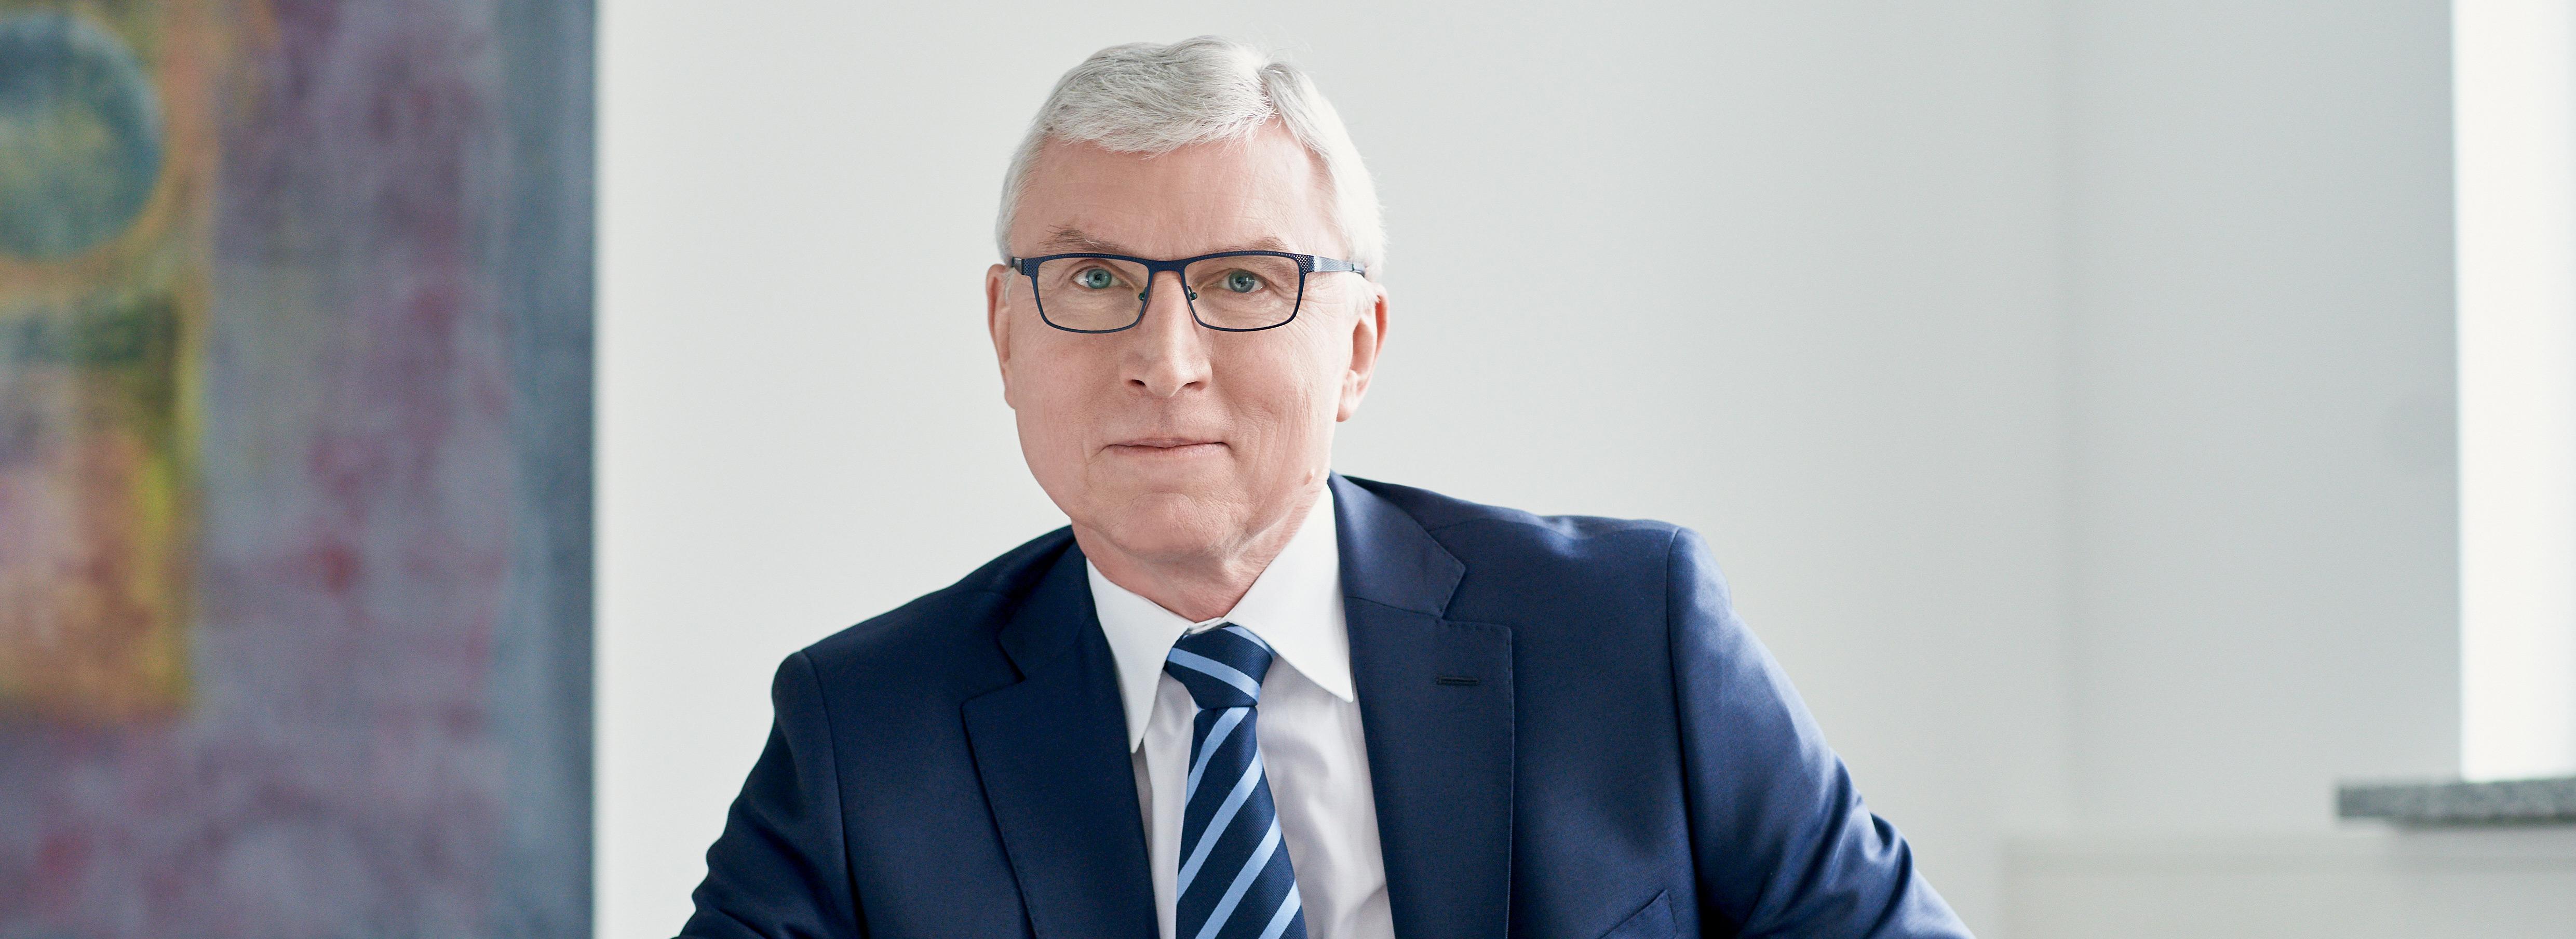 Horst Neller